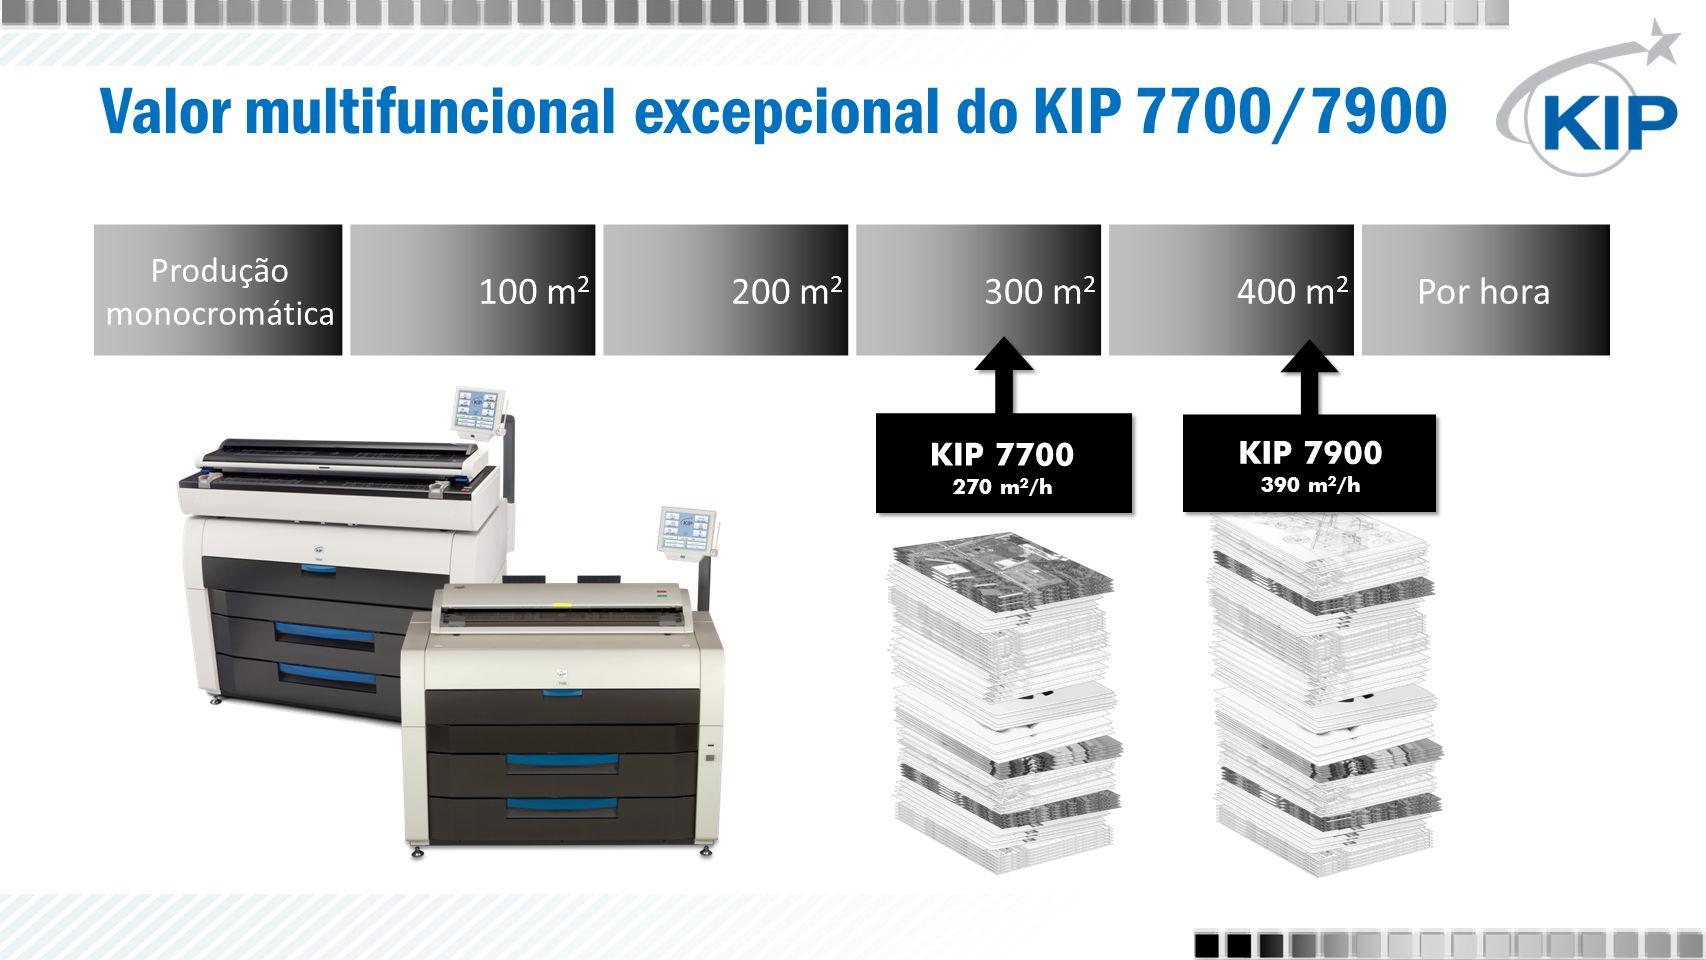 Produção monocromática 100 m 2 200 m 2 300 m 2 400 m 2 Por hora Valor multifuncional excepcional do KIP 7700/7900 KIP 7700 270 m 2 /h KIP 7900 390 m 2 /h